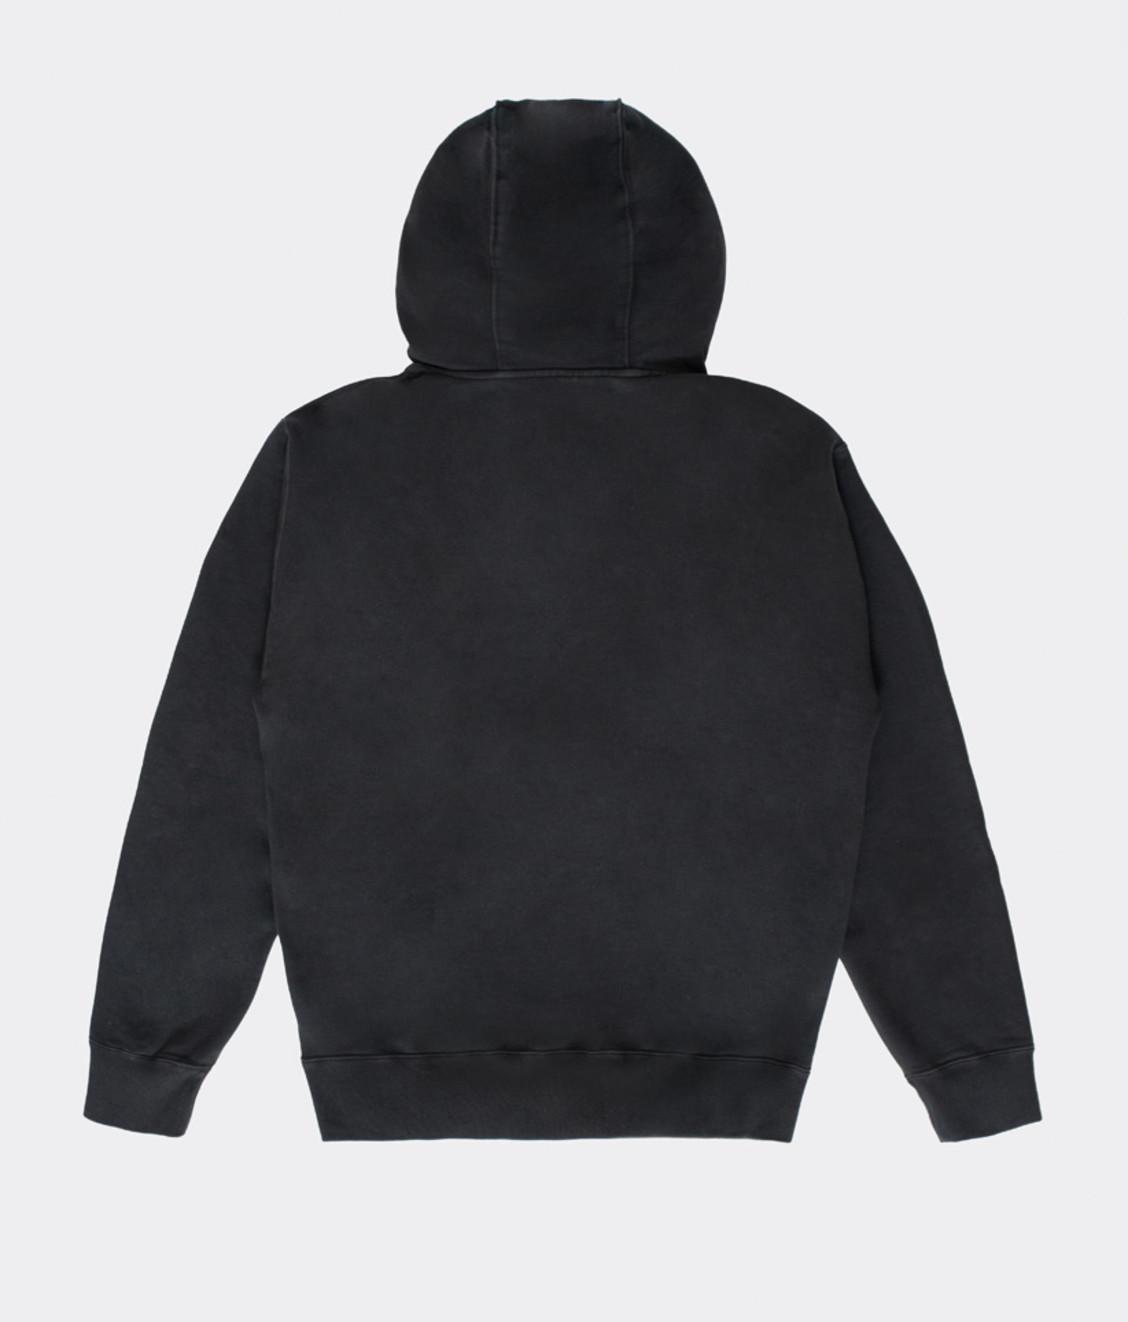 Nike Nike NRG Hoodie Washed Black